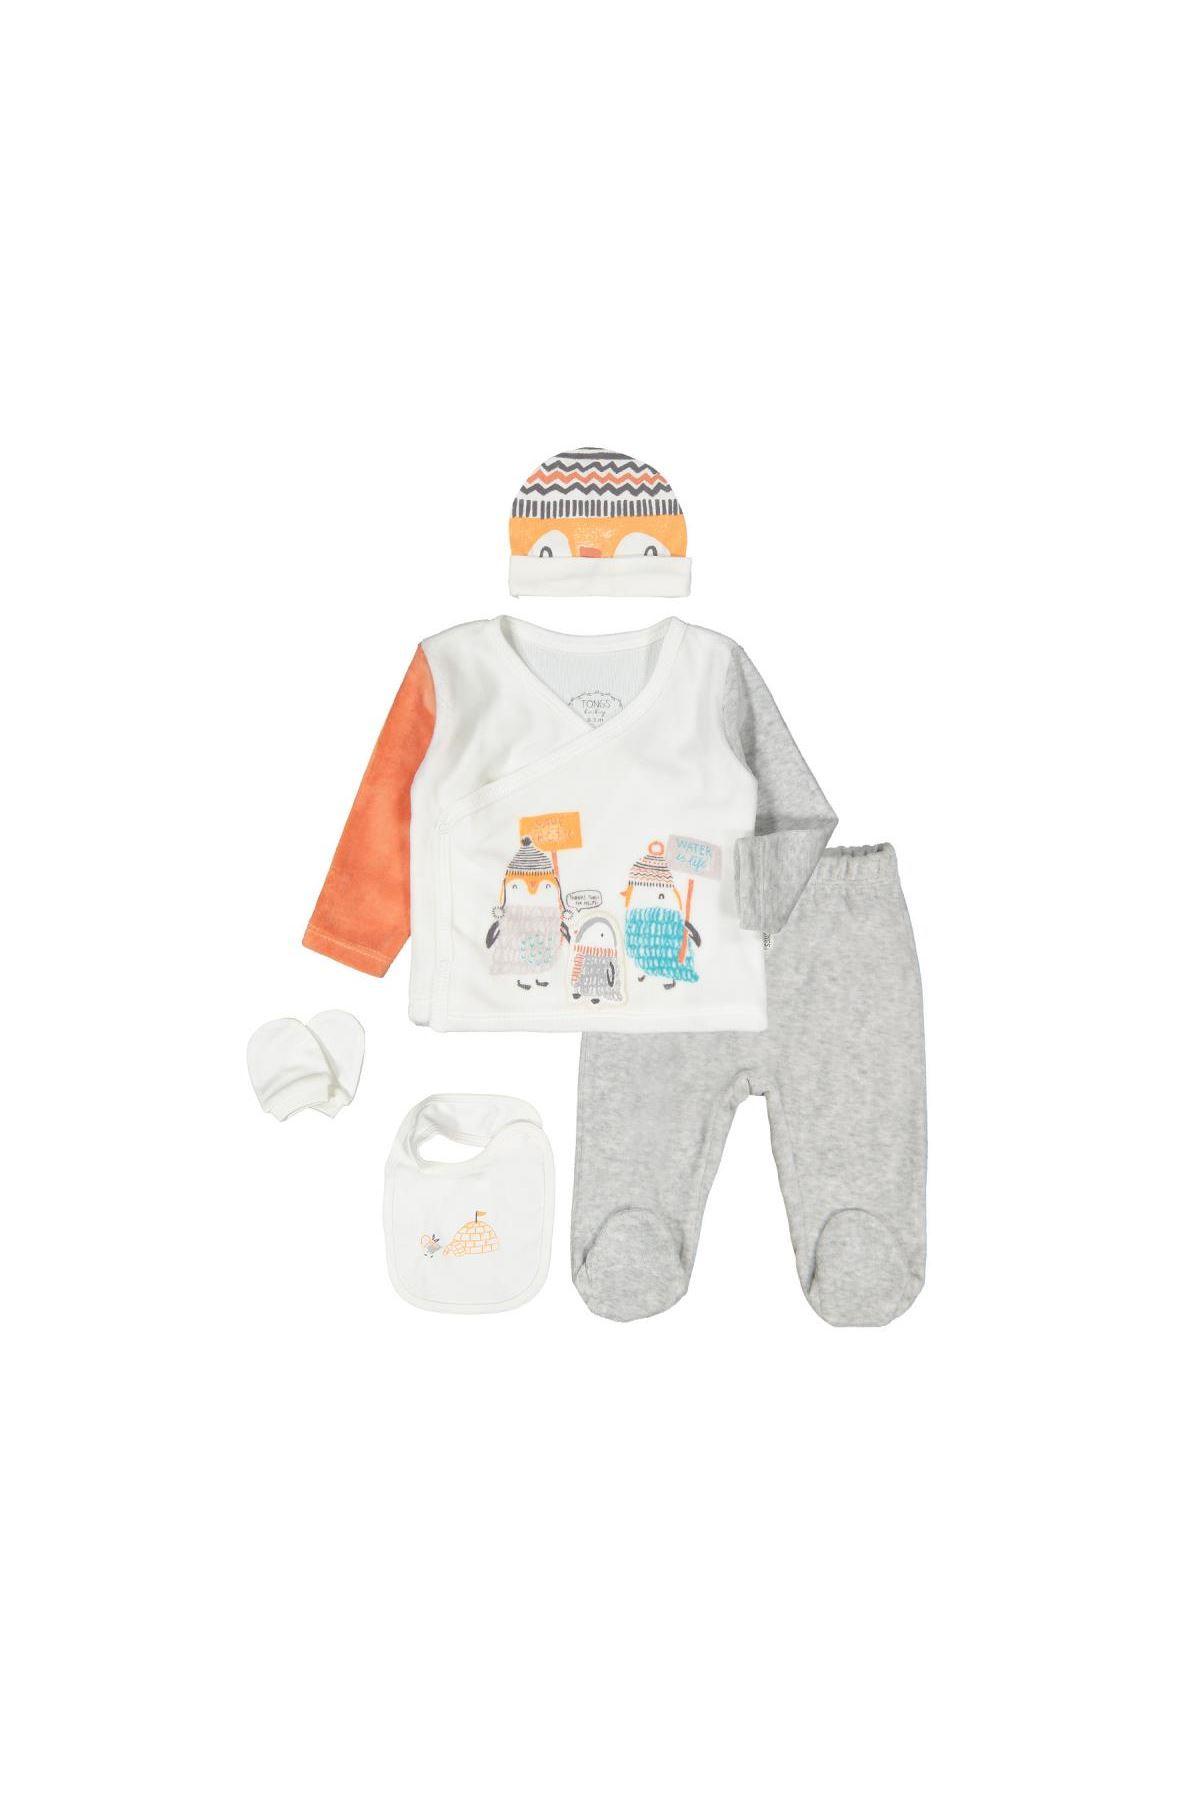 Tongs Baby Penguın Family Zıbın Takım 4025 oranj